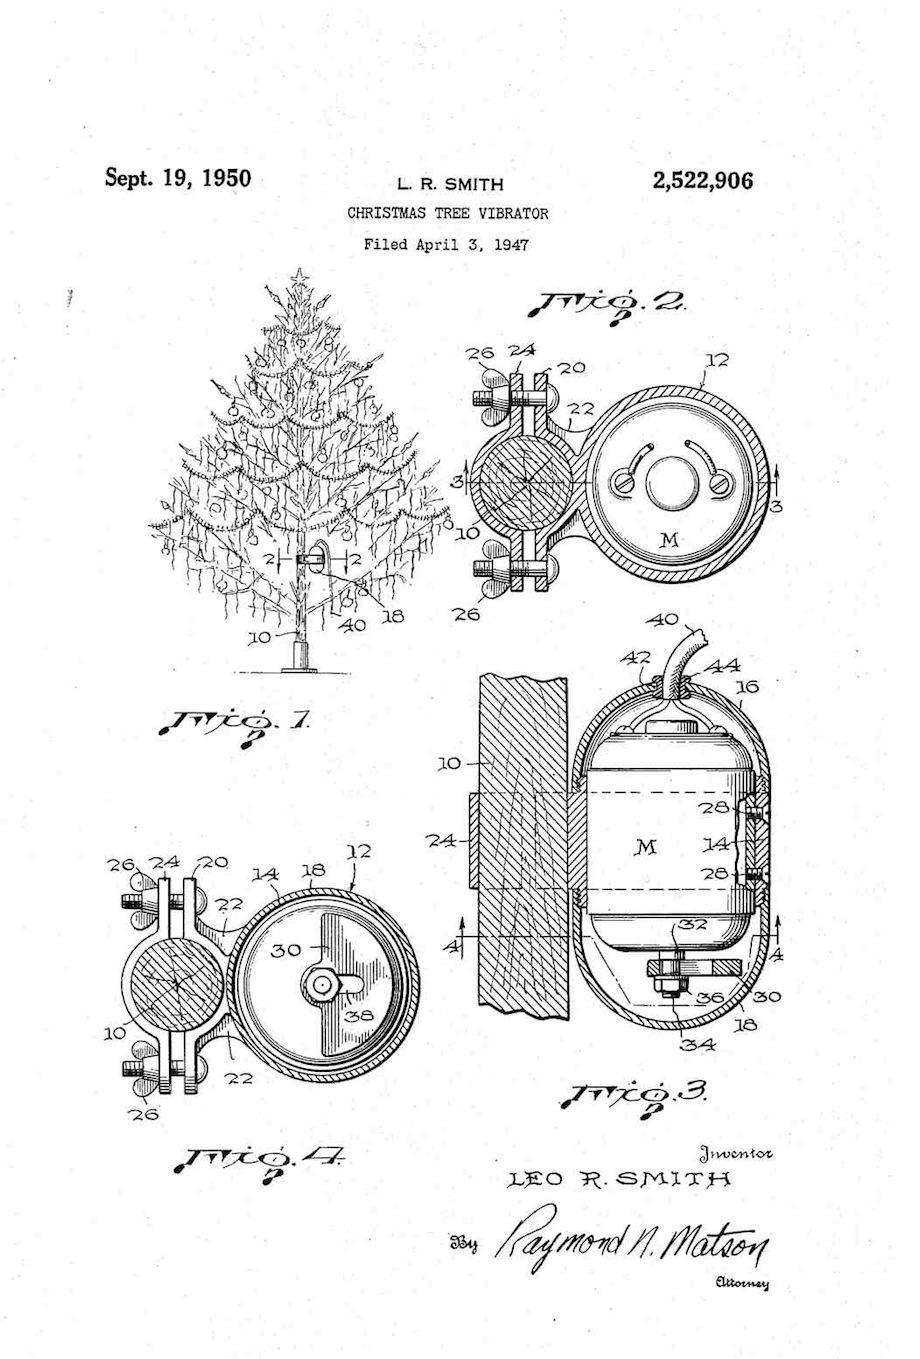 Christmas Tree Vibrator